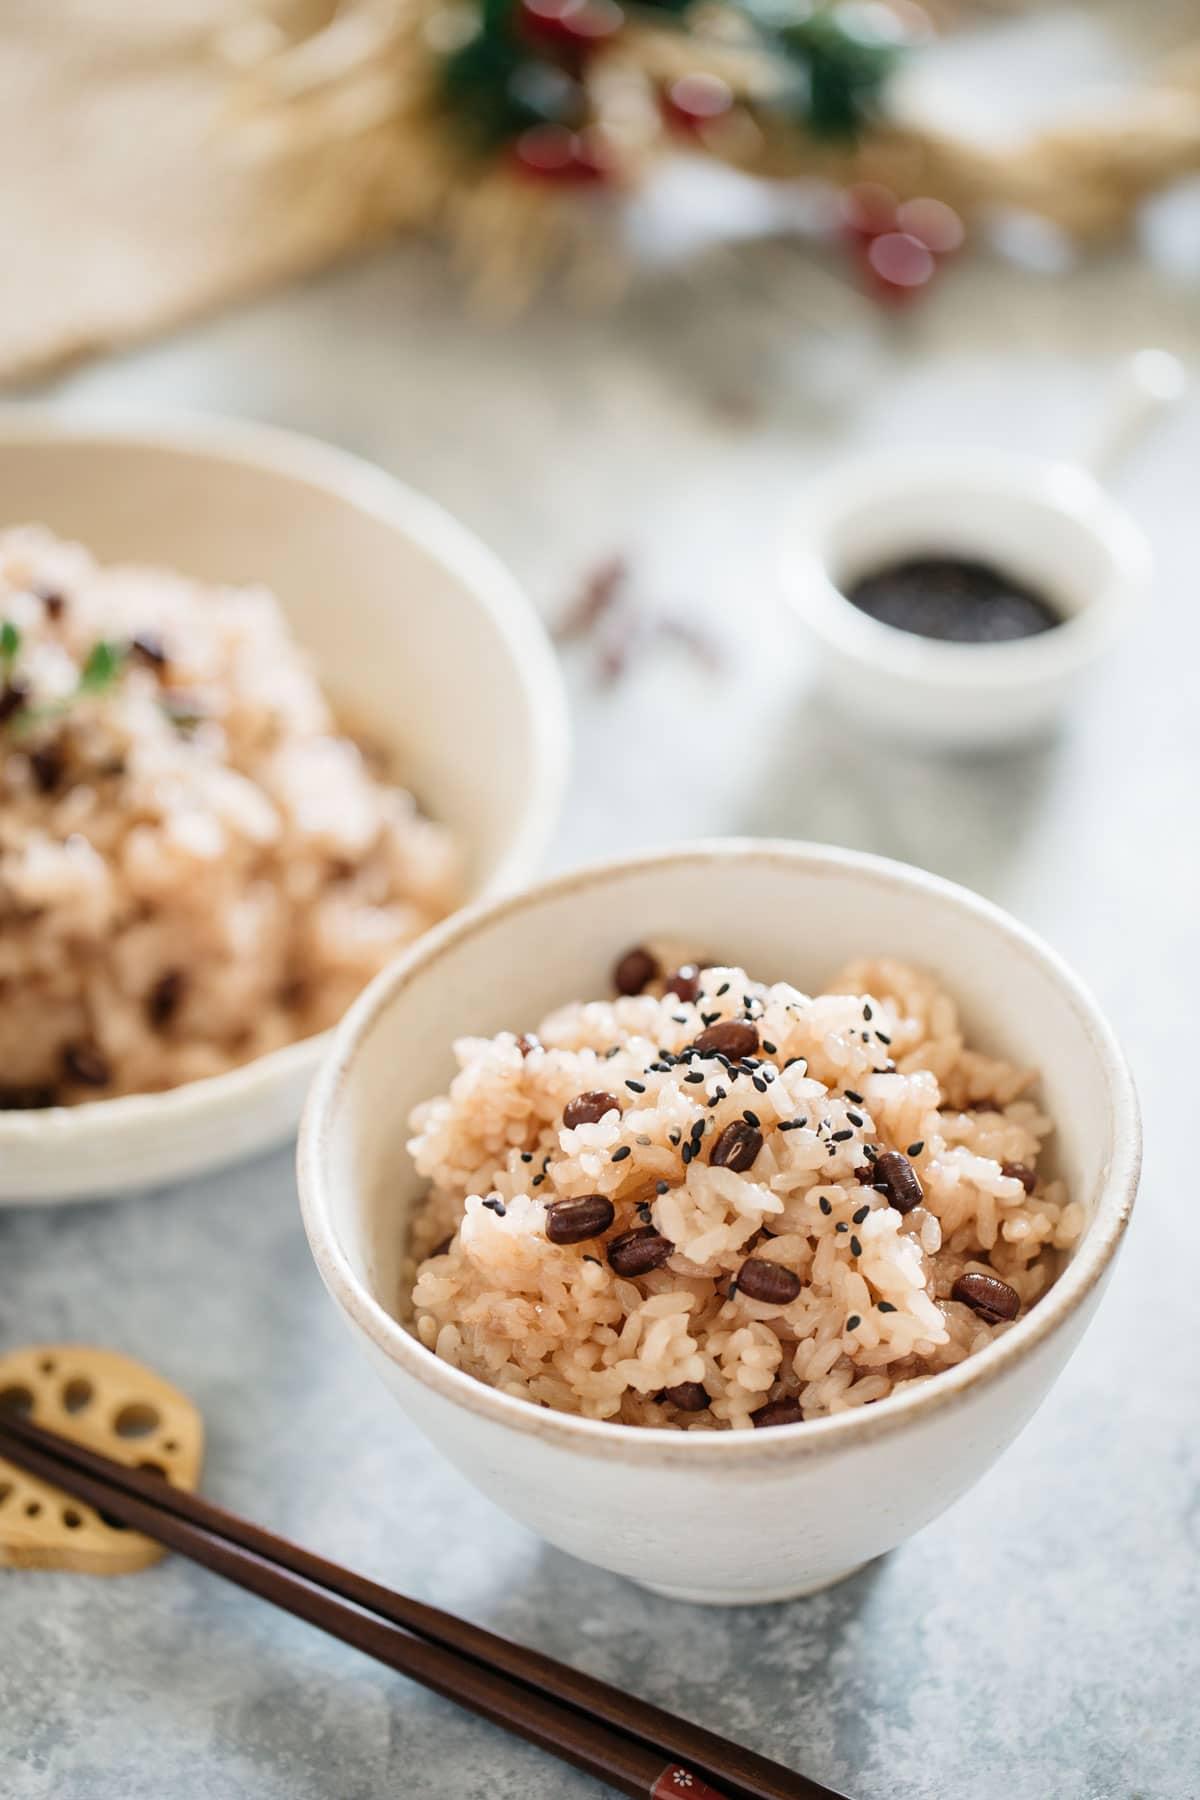 Sekihan Azuki bean rice in a rice bowl